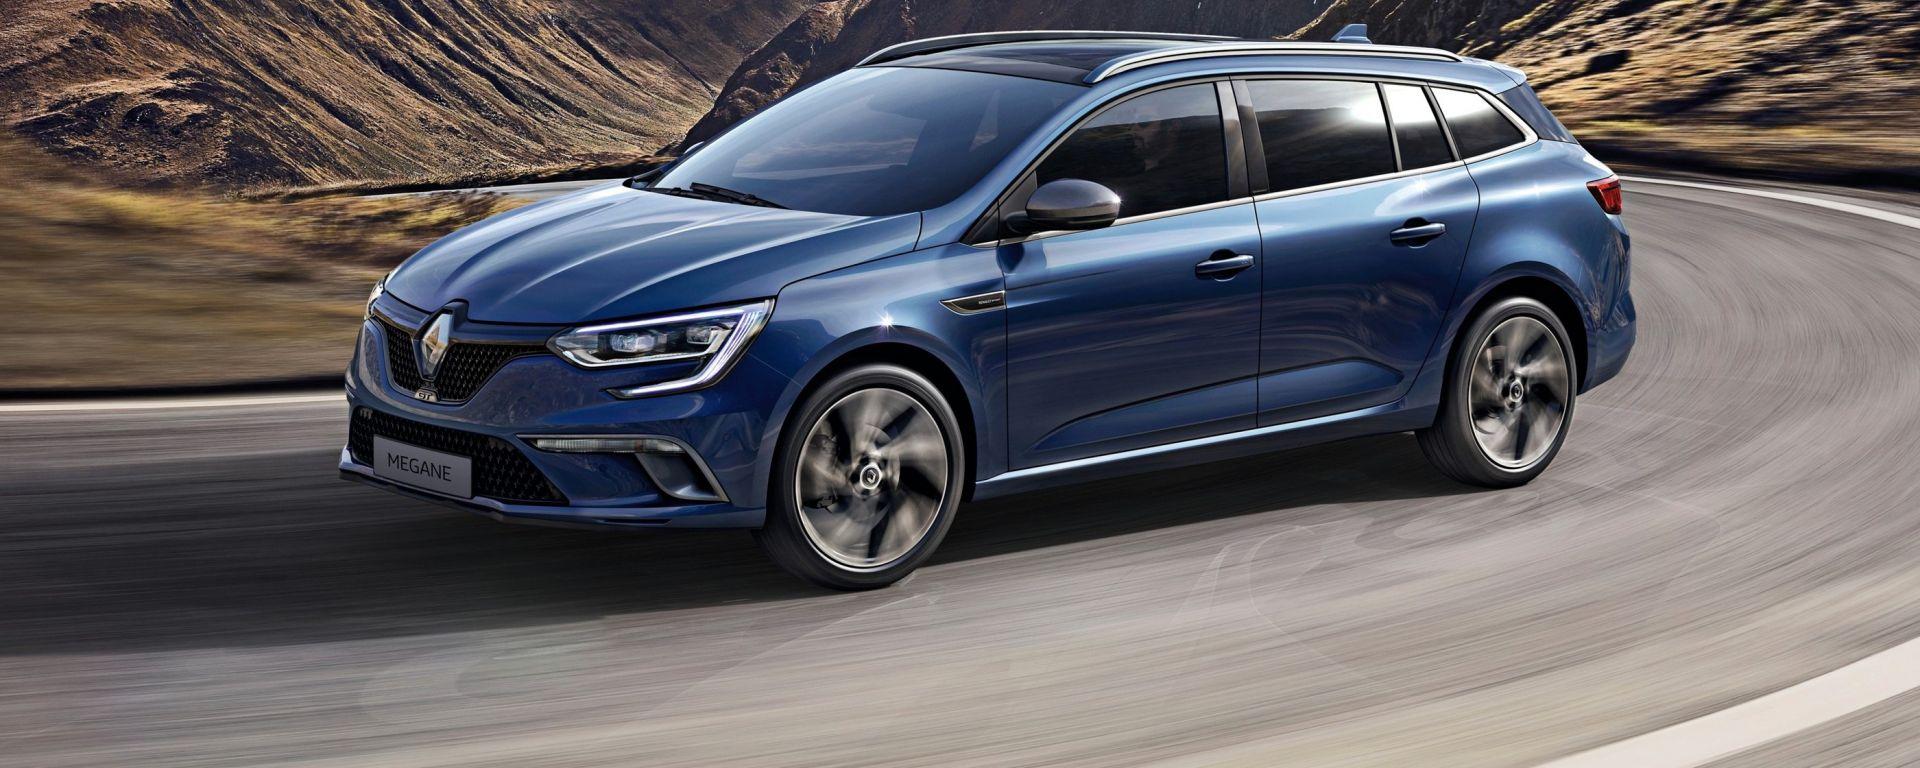 Renault Megane Sporter: è lunga 4 metri e 62 centimetri